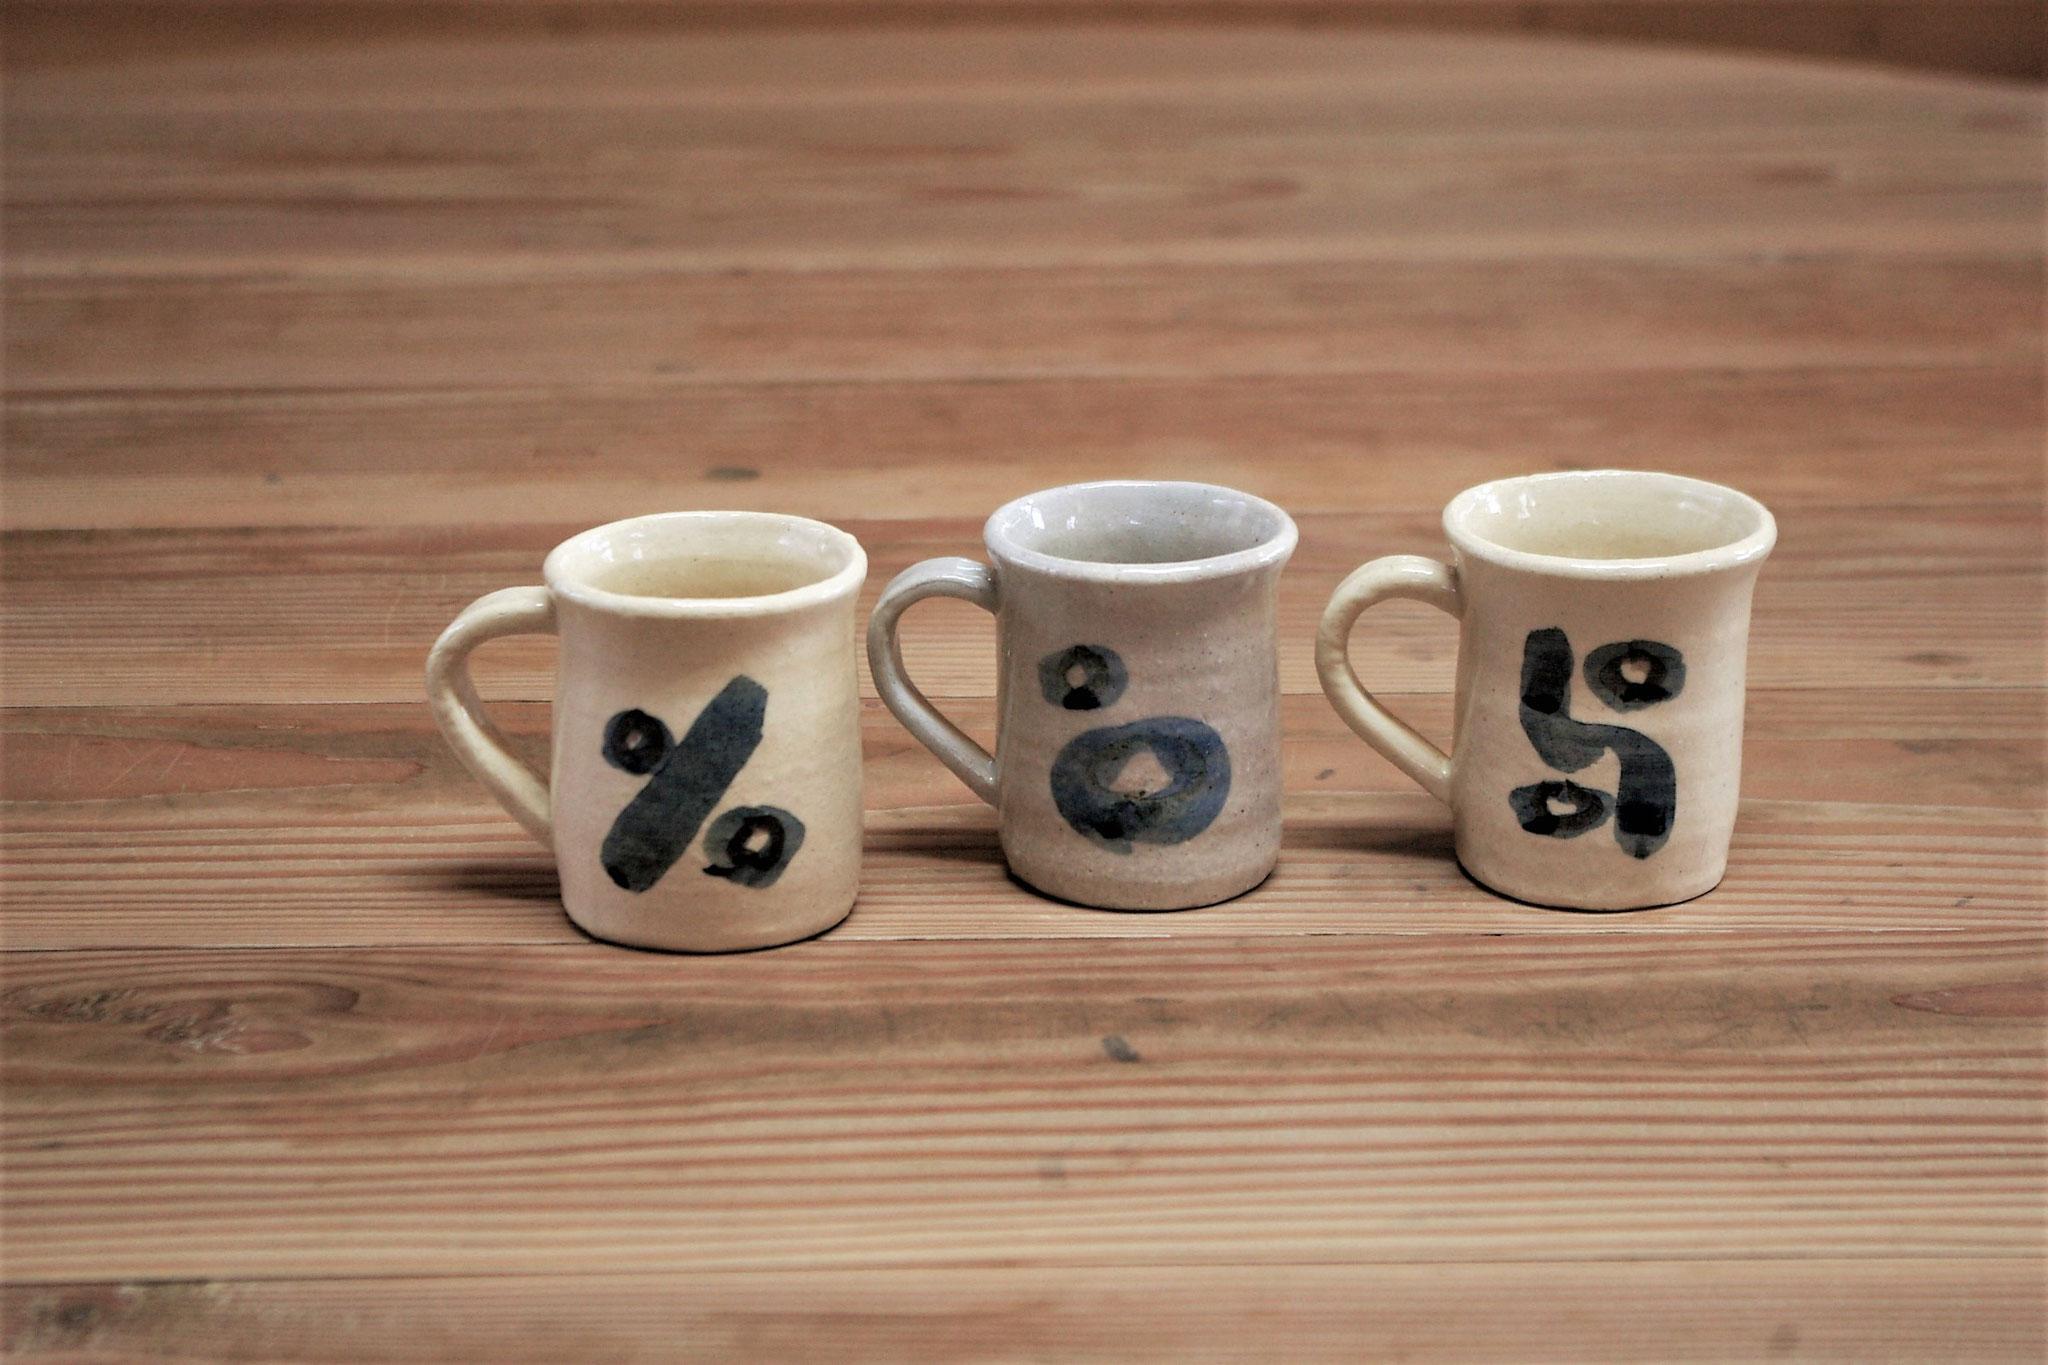 小さなカップ・デミタスカップ